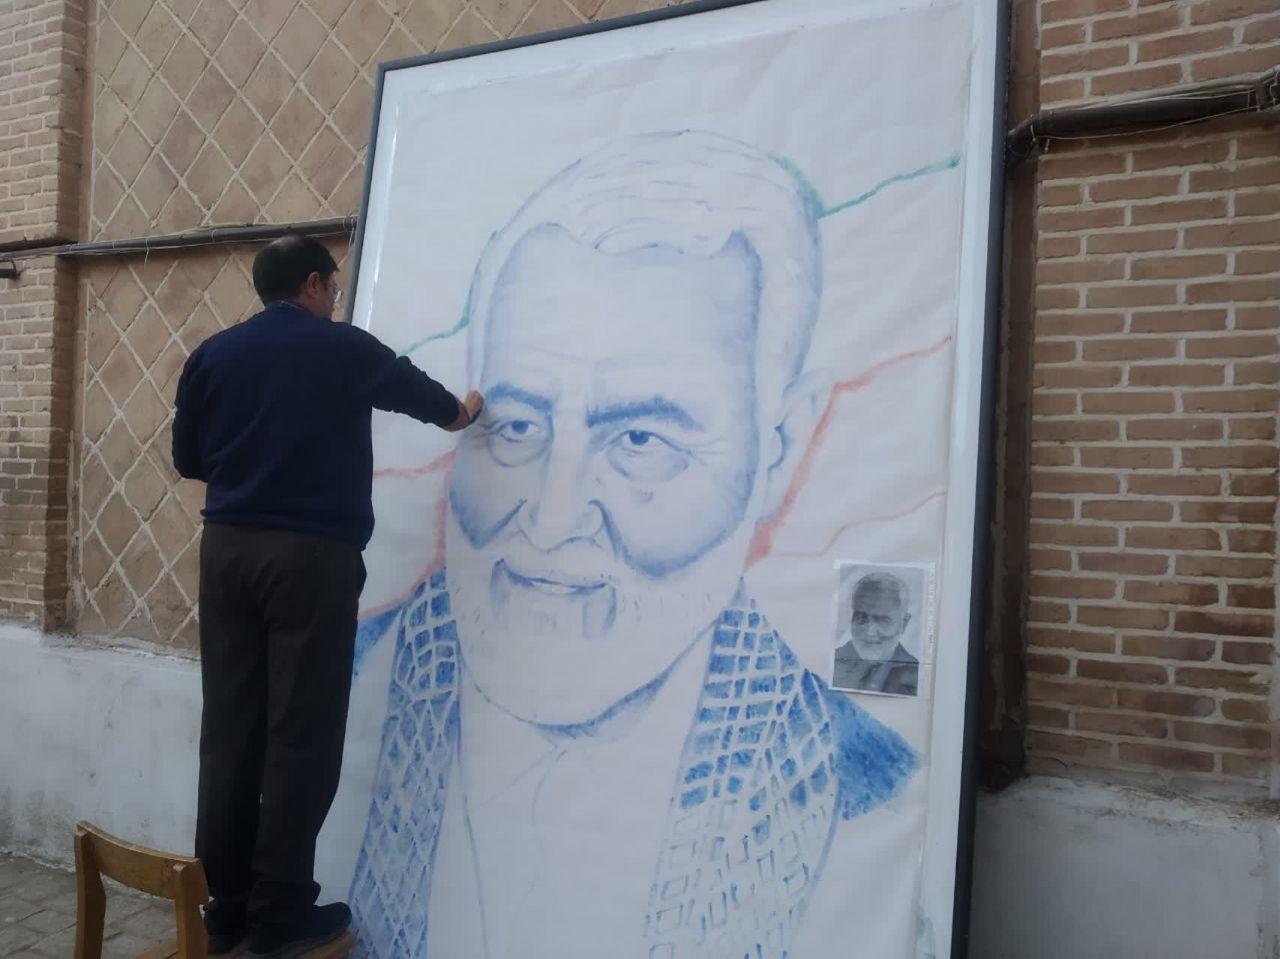 هنرمند سبزواری چهره سردار شهید سلیمانی را با ۵۵ هزار اثر انگشت طراحی کرد